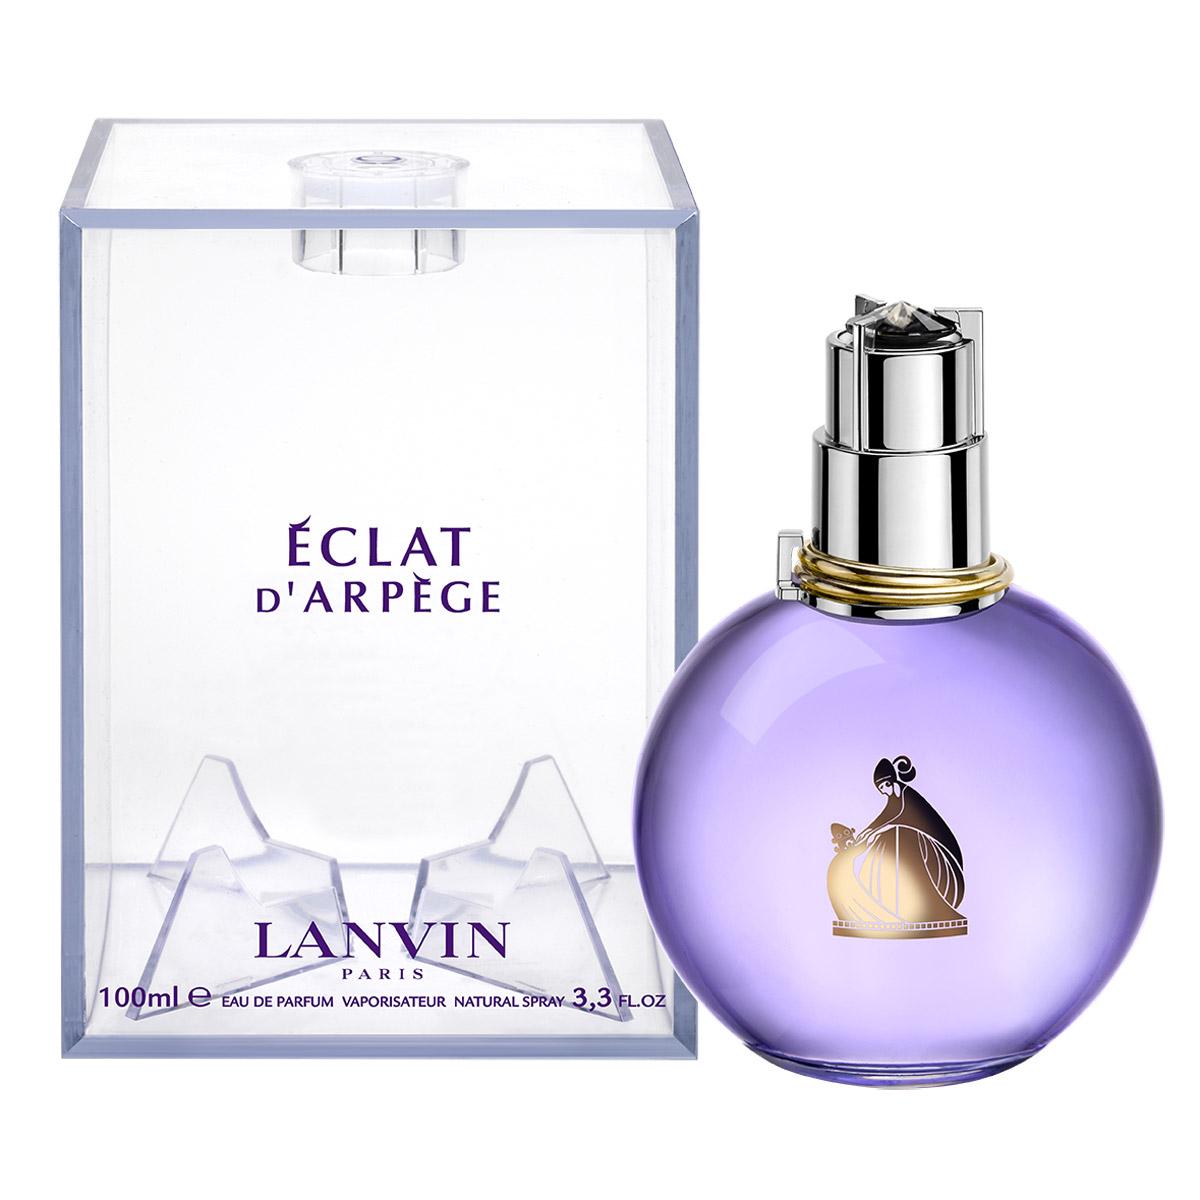 Eclat De D'arpège Beauté Eau FemmePassion Parfum Lanvin ulJ35Kc1TF